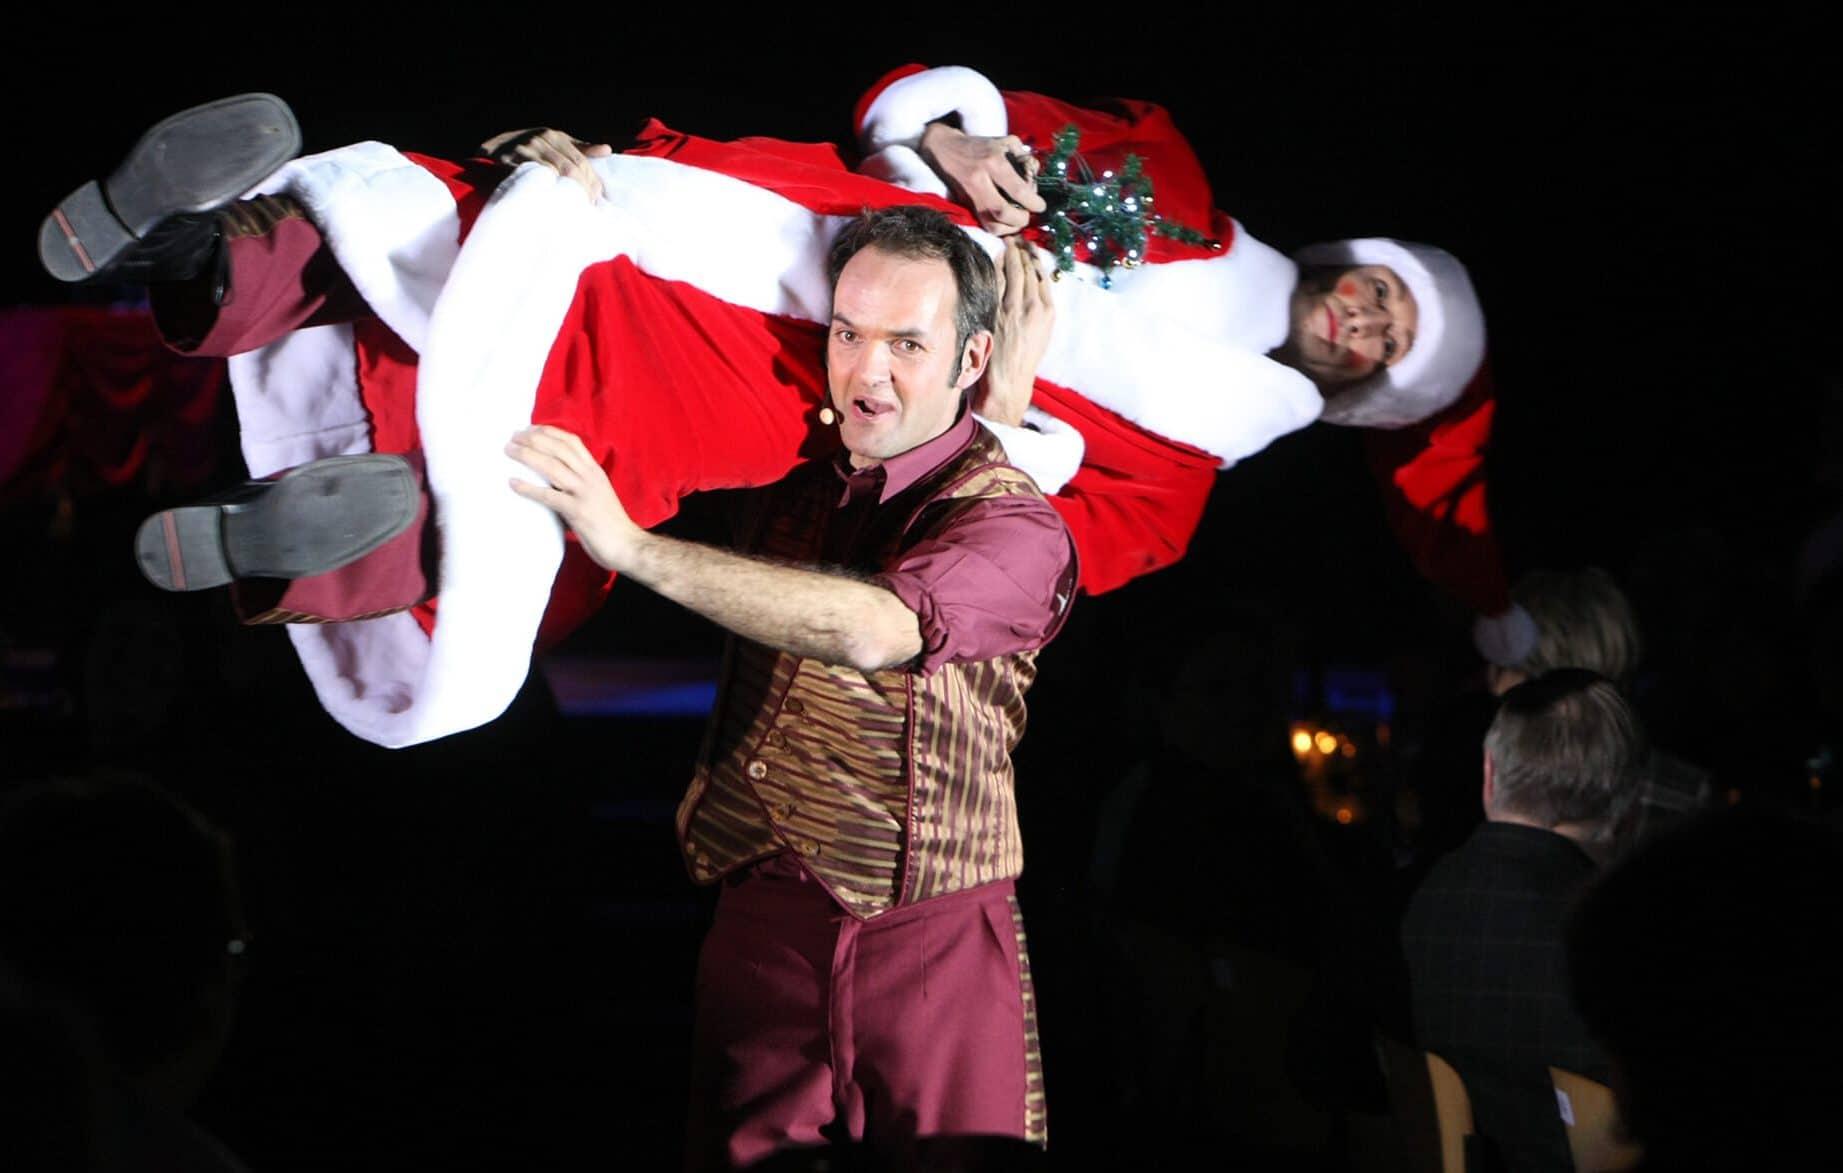 chapeau-bas-showpaket-weihnachten-8